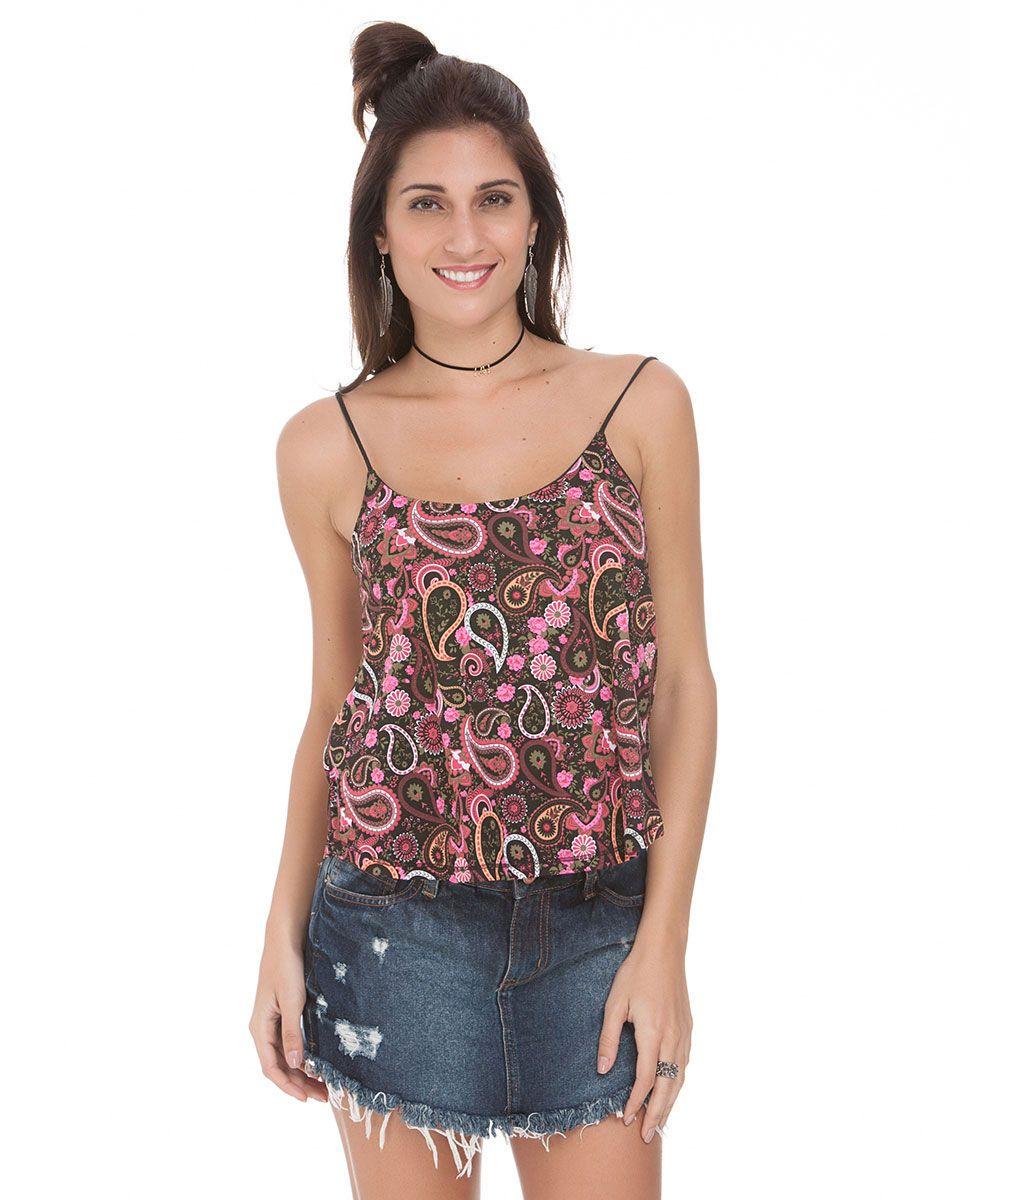 Blusa Cropped Feminina Estampada - Lojas Renner